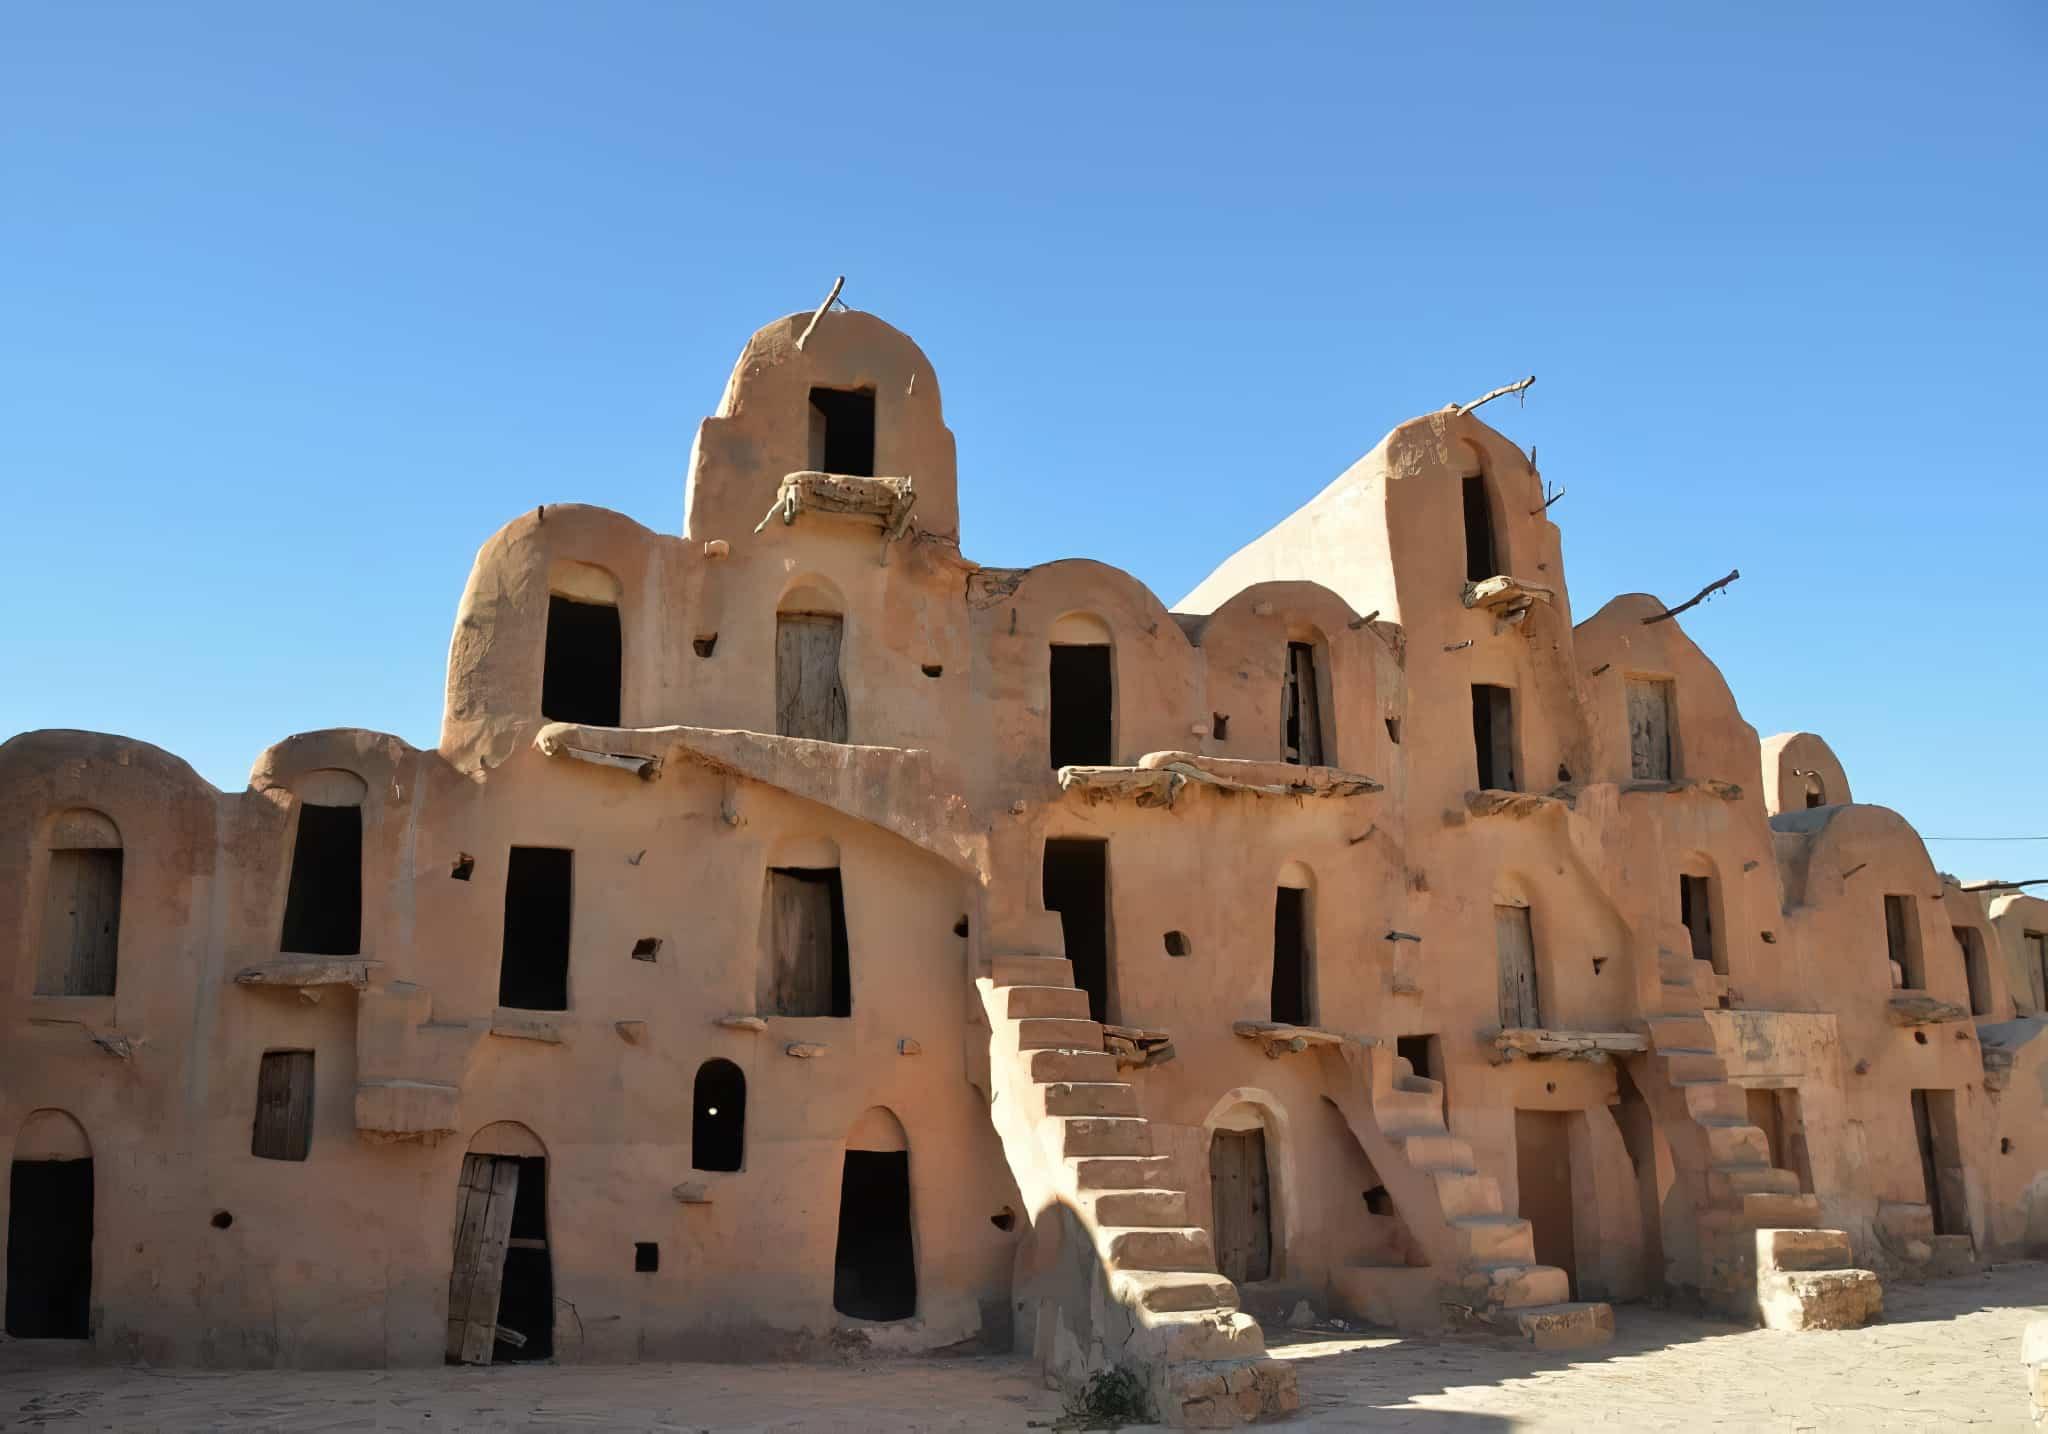 Les lieux de tournage de Star Wars